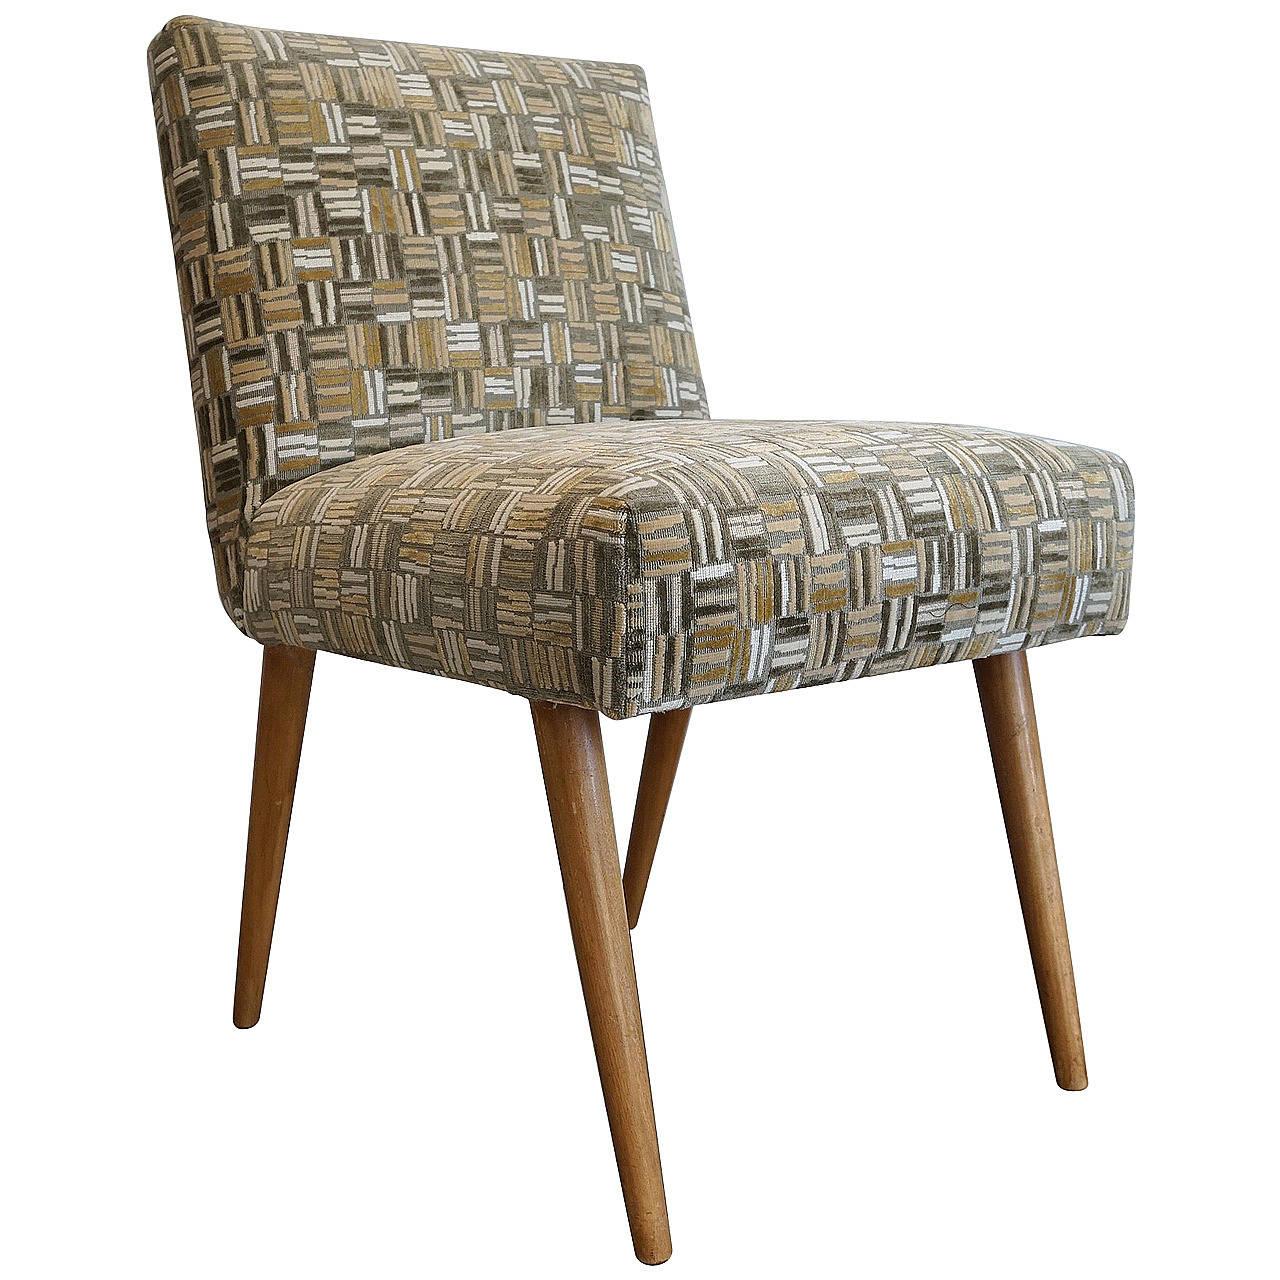 T.H. Robsjohn-Gibbings Desk Chair